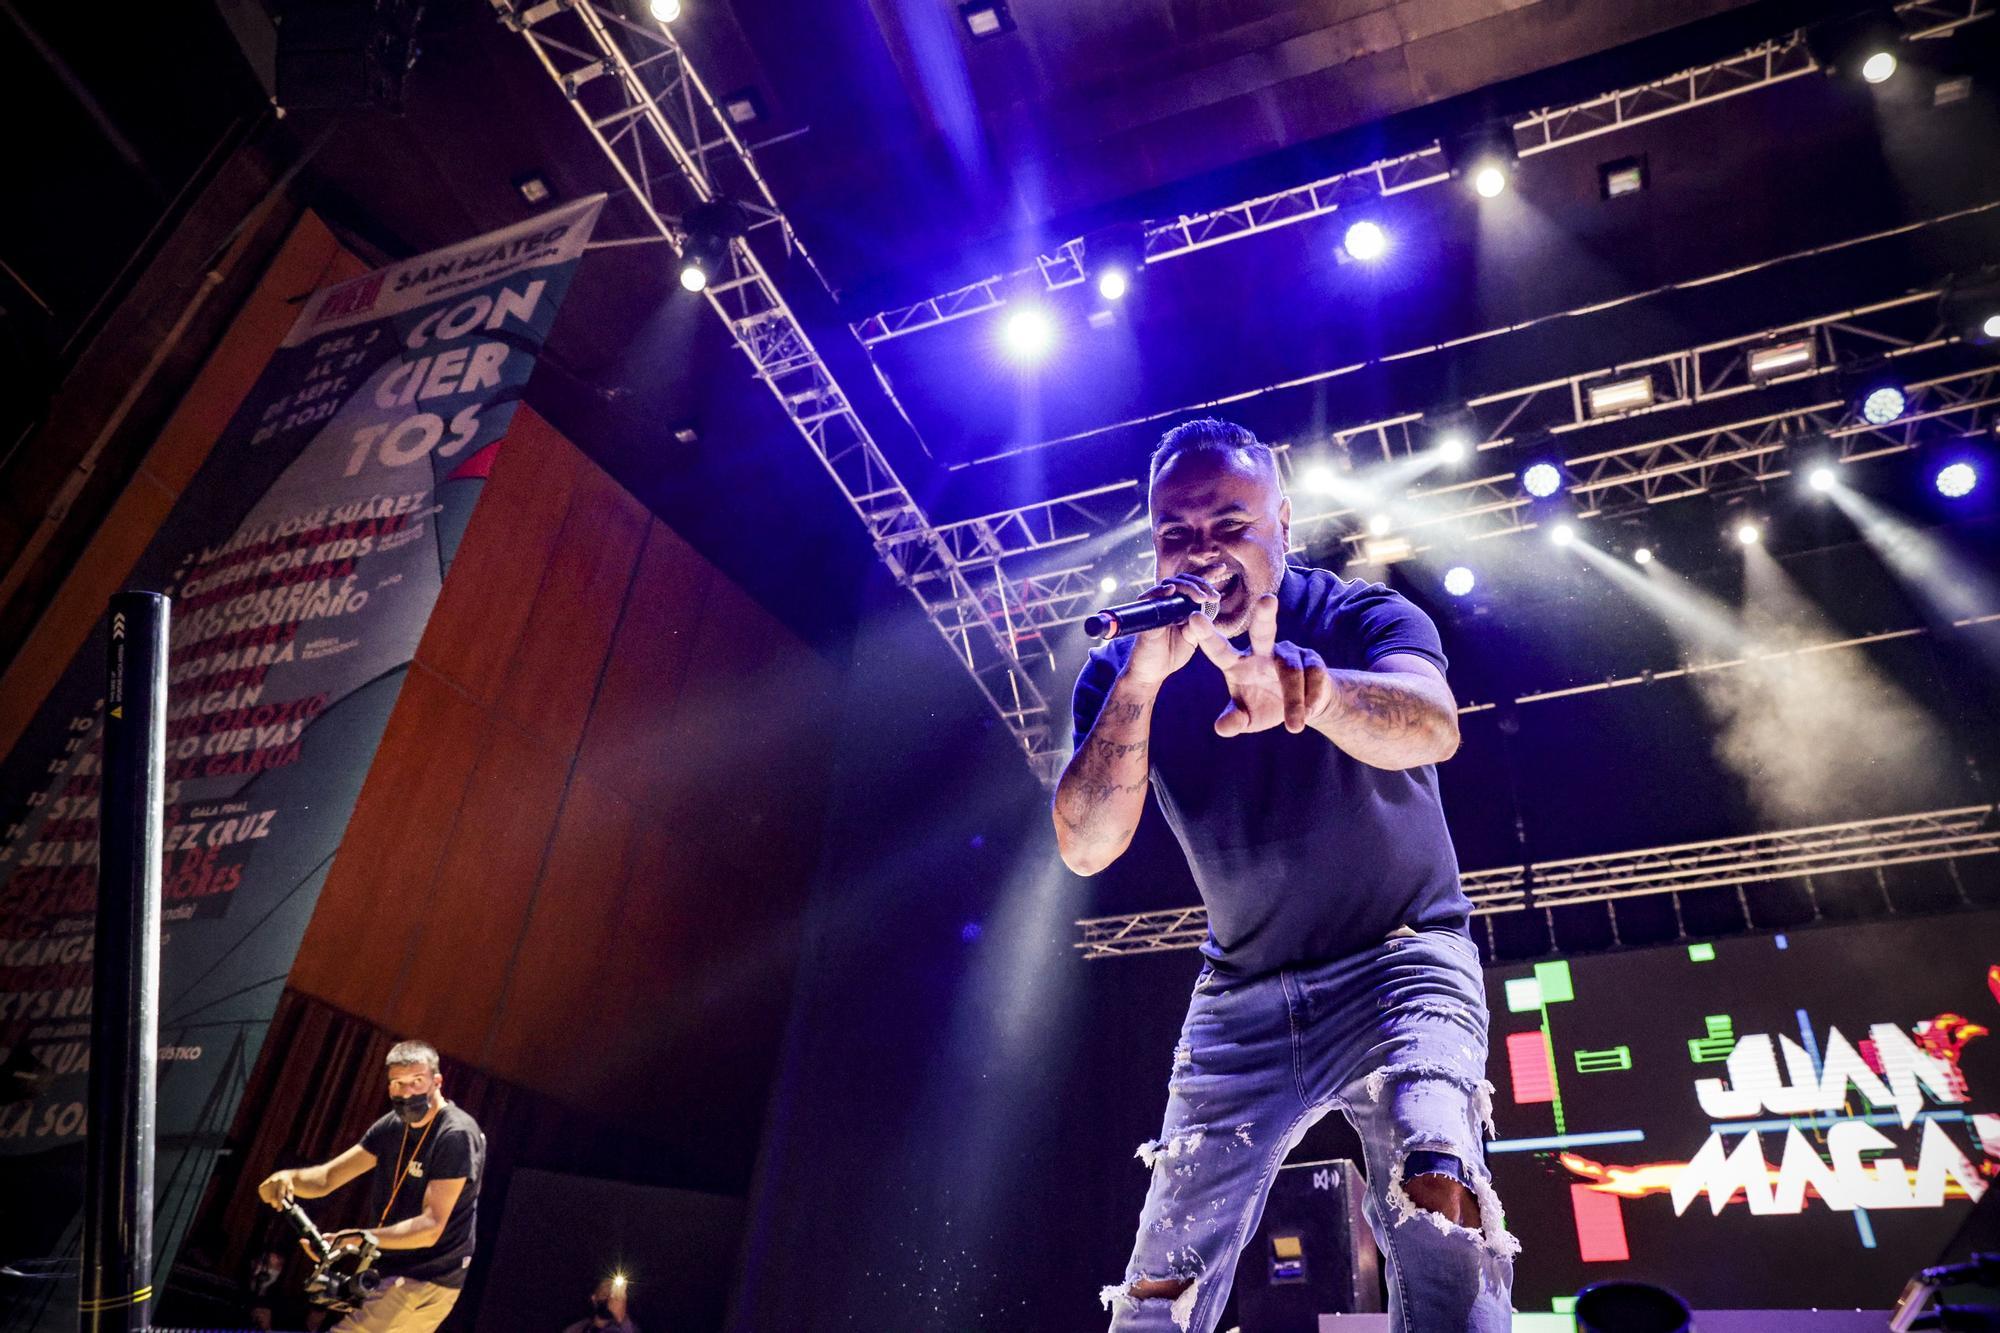 Así fue el concierto de Juan Magán en el auditorio de Oviedo